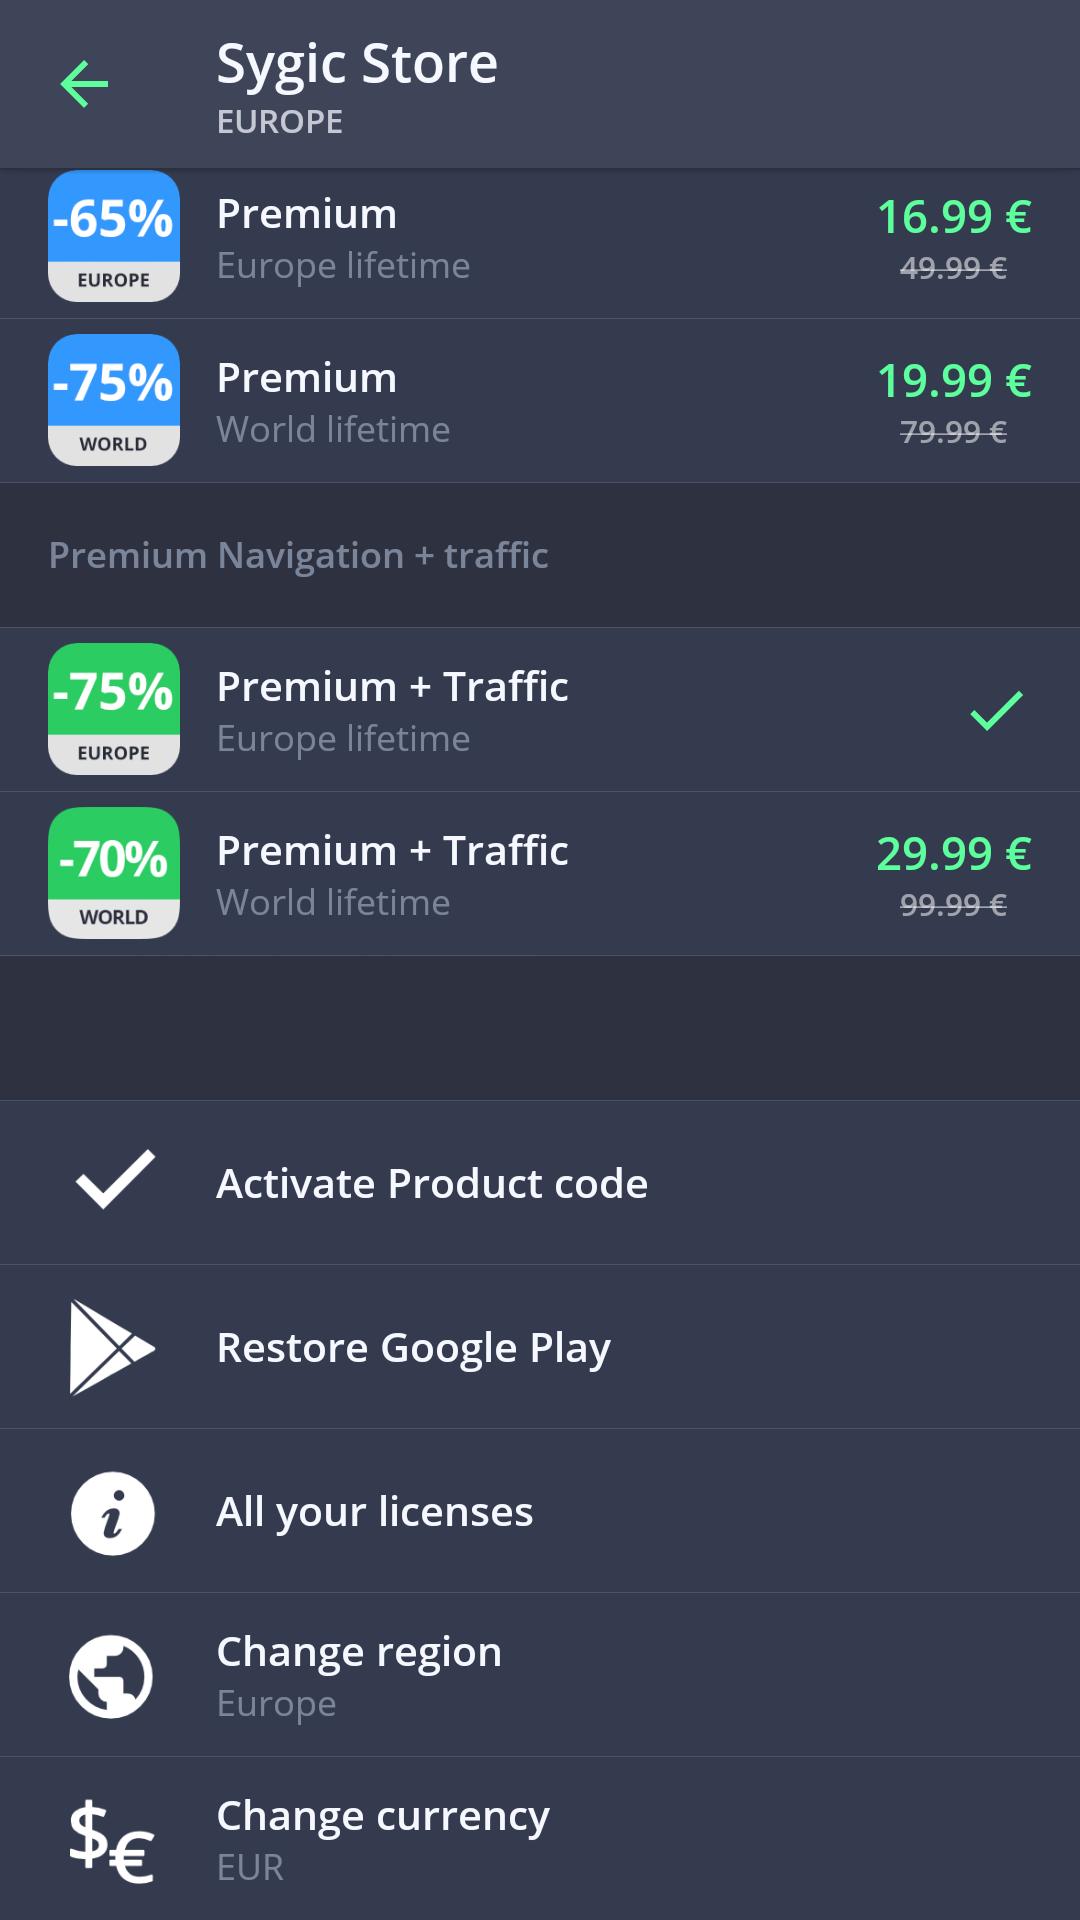 sygic premium code